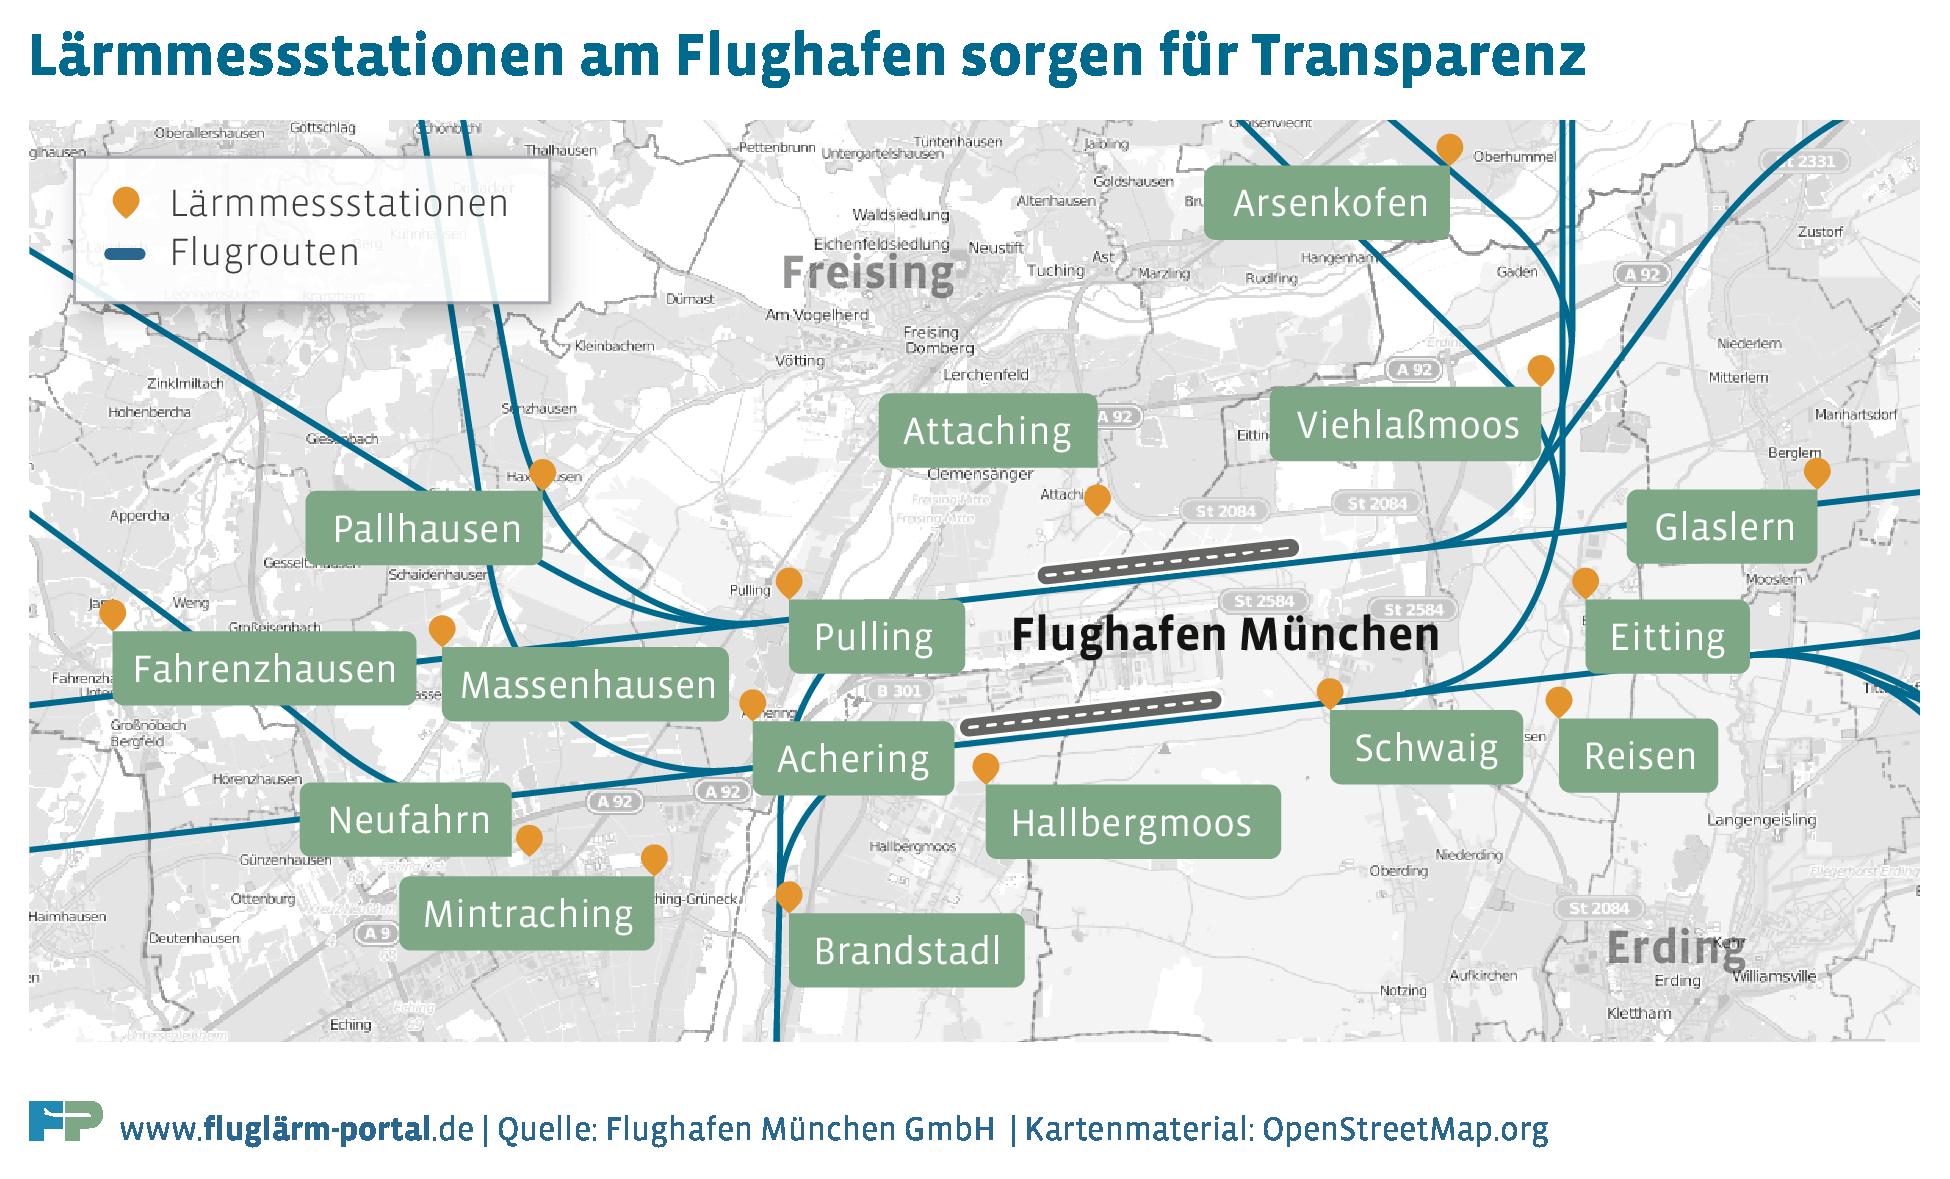 Flugrouten Karte Weltweit Lufthansa.Larmmessung Am Flughafen